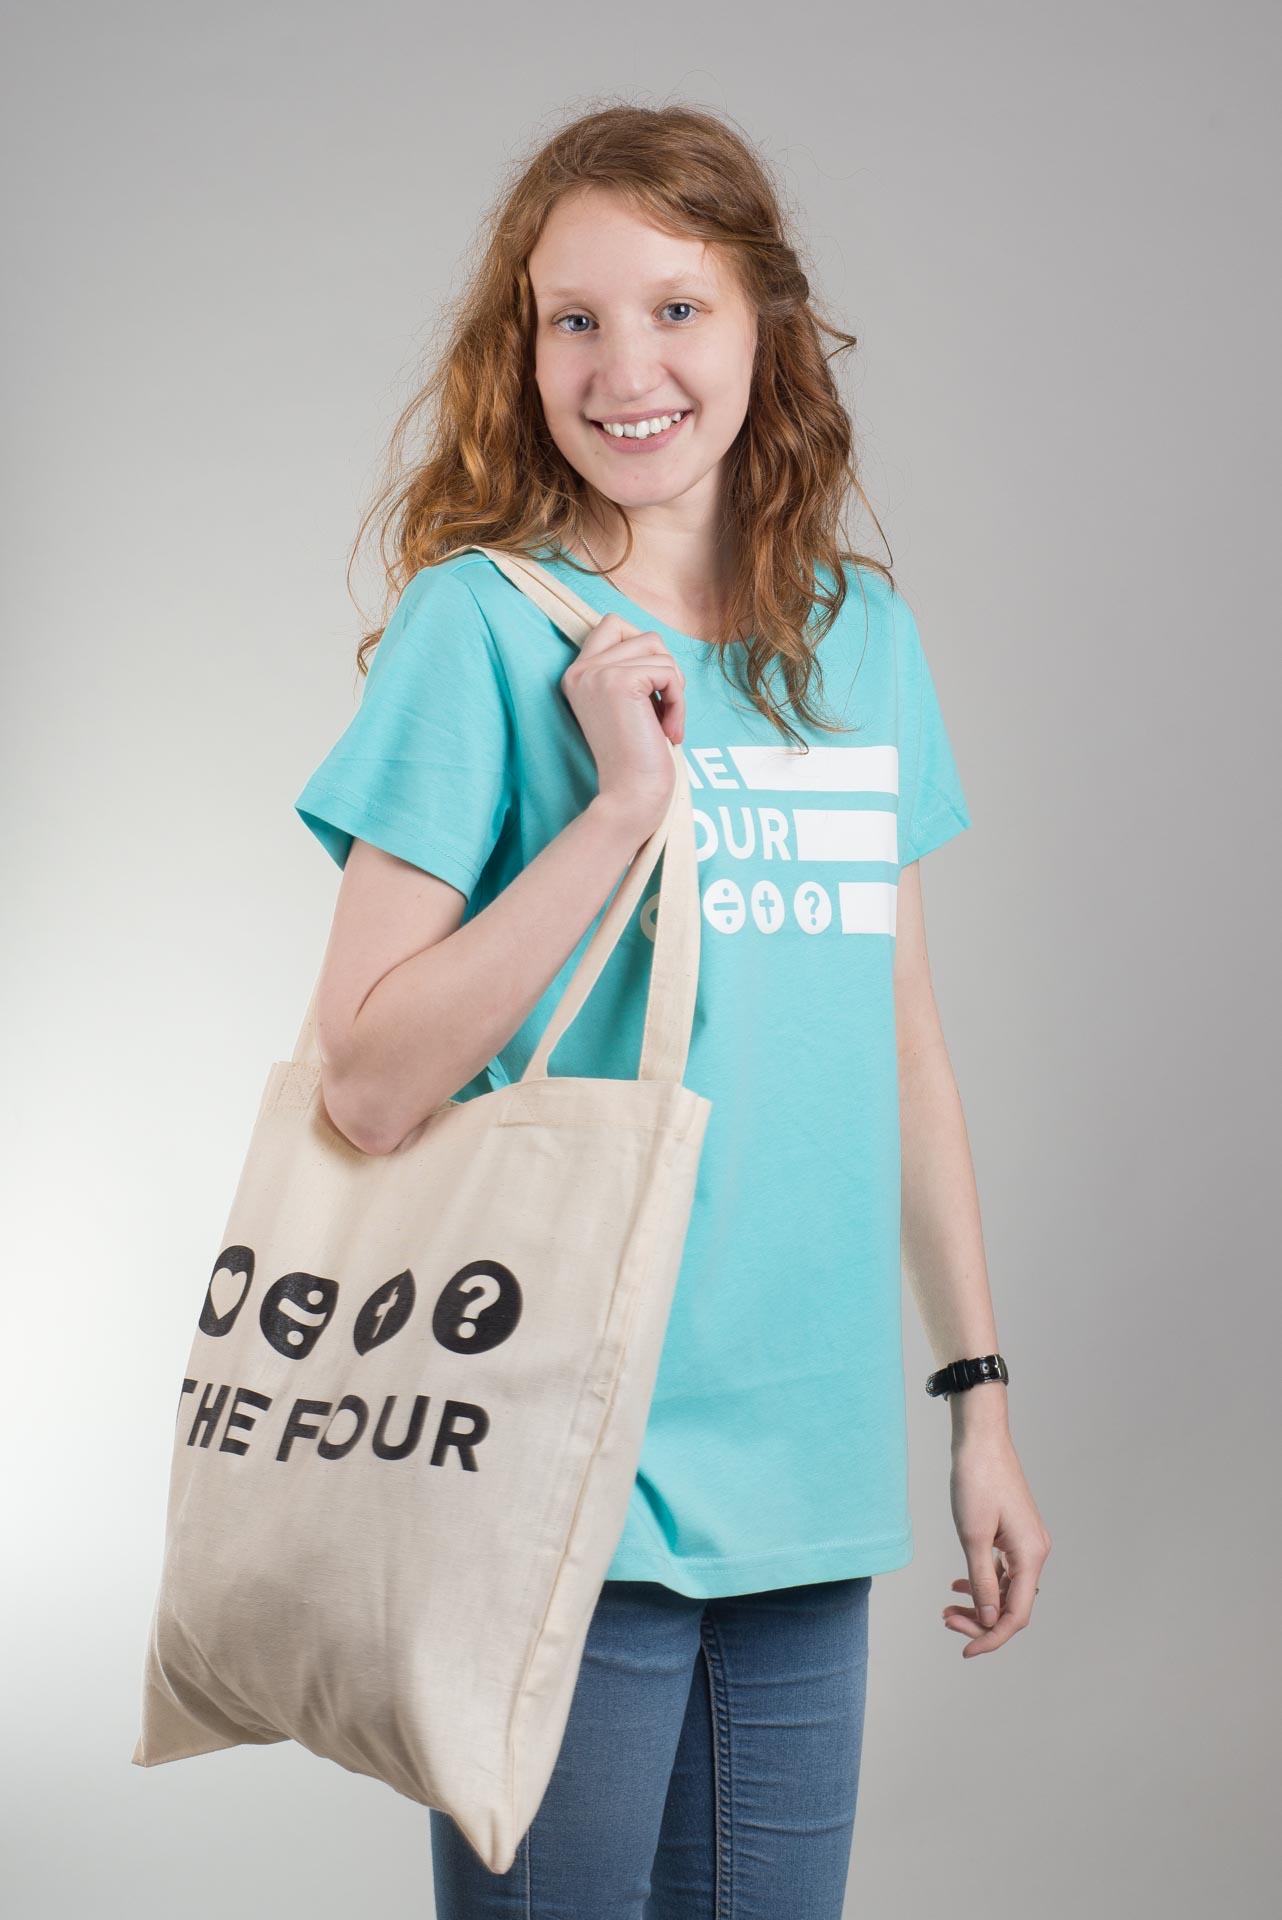 fotografia produktowa na potrzeby chrześcijańskiego sklepu internetowego - fotografia obejmowała materiały drukowane oraz ubrania, od T-shertów, przez bluzy, na torbach i plecakach kończąc